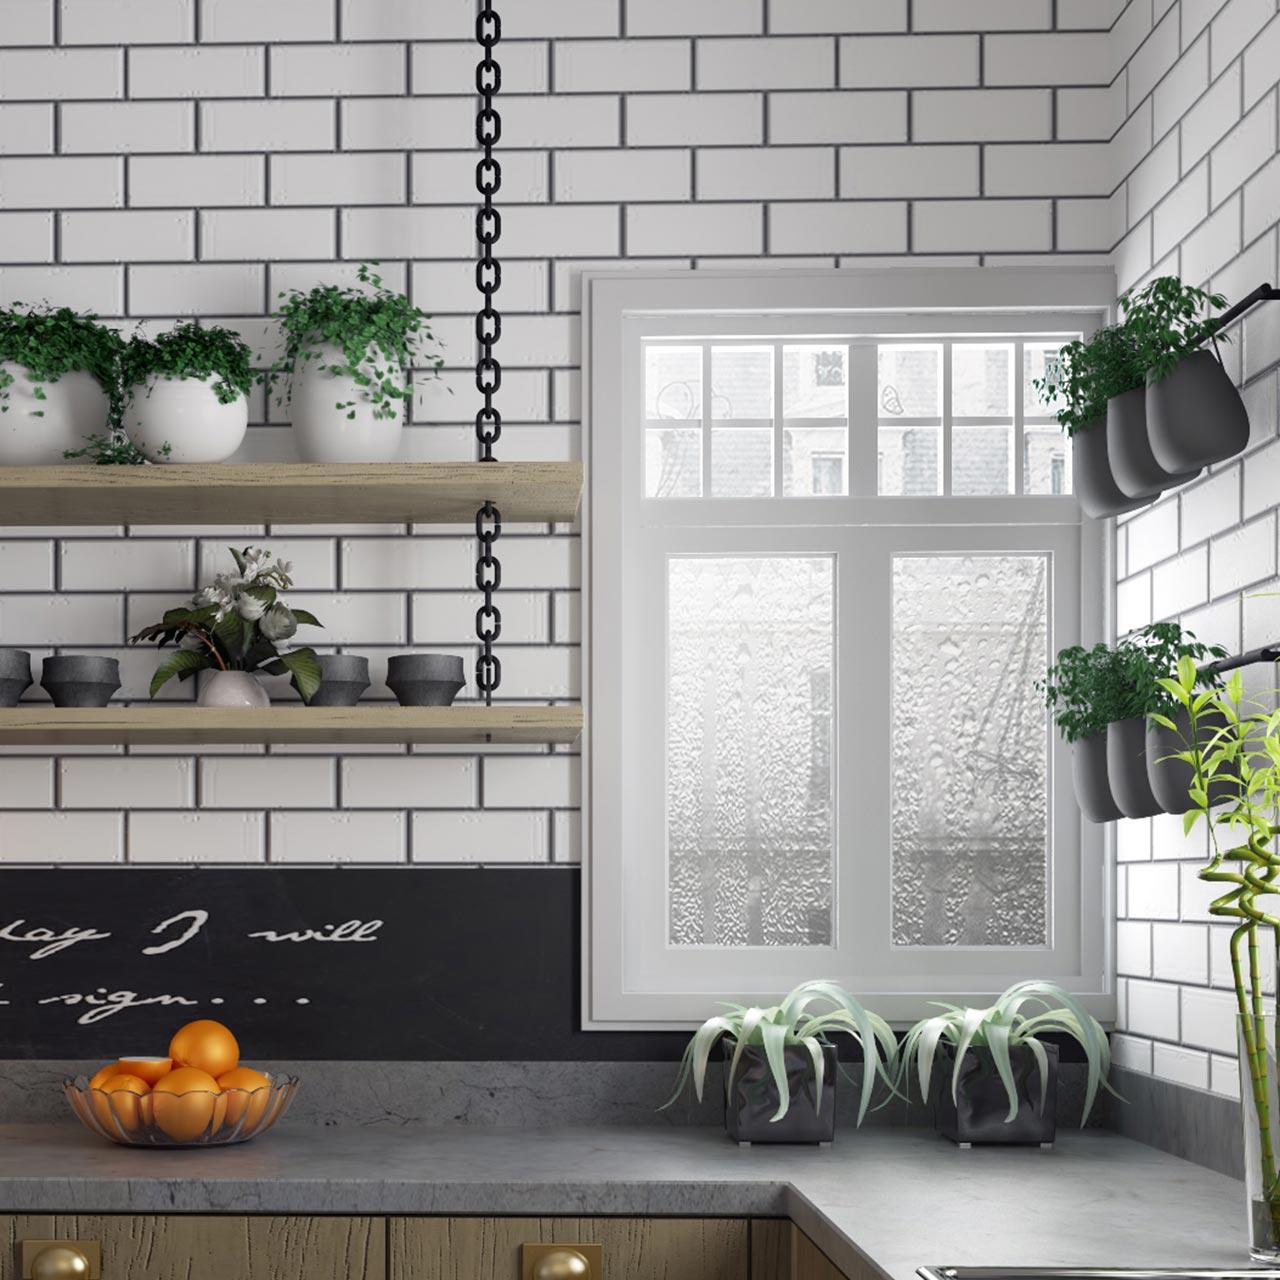 5 Genius Ideas To Enhance Your Kitchen Organization